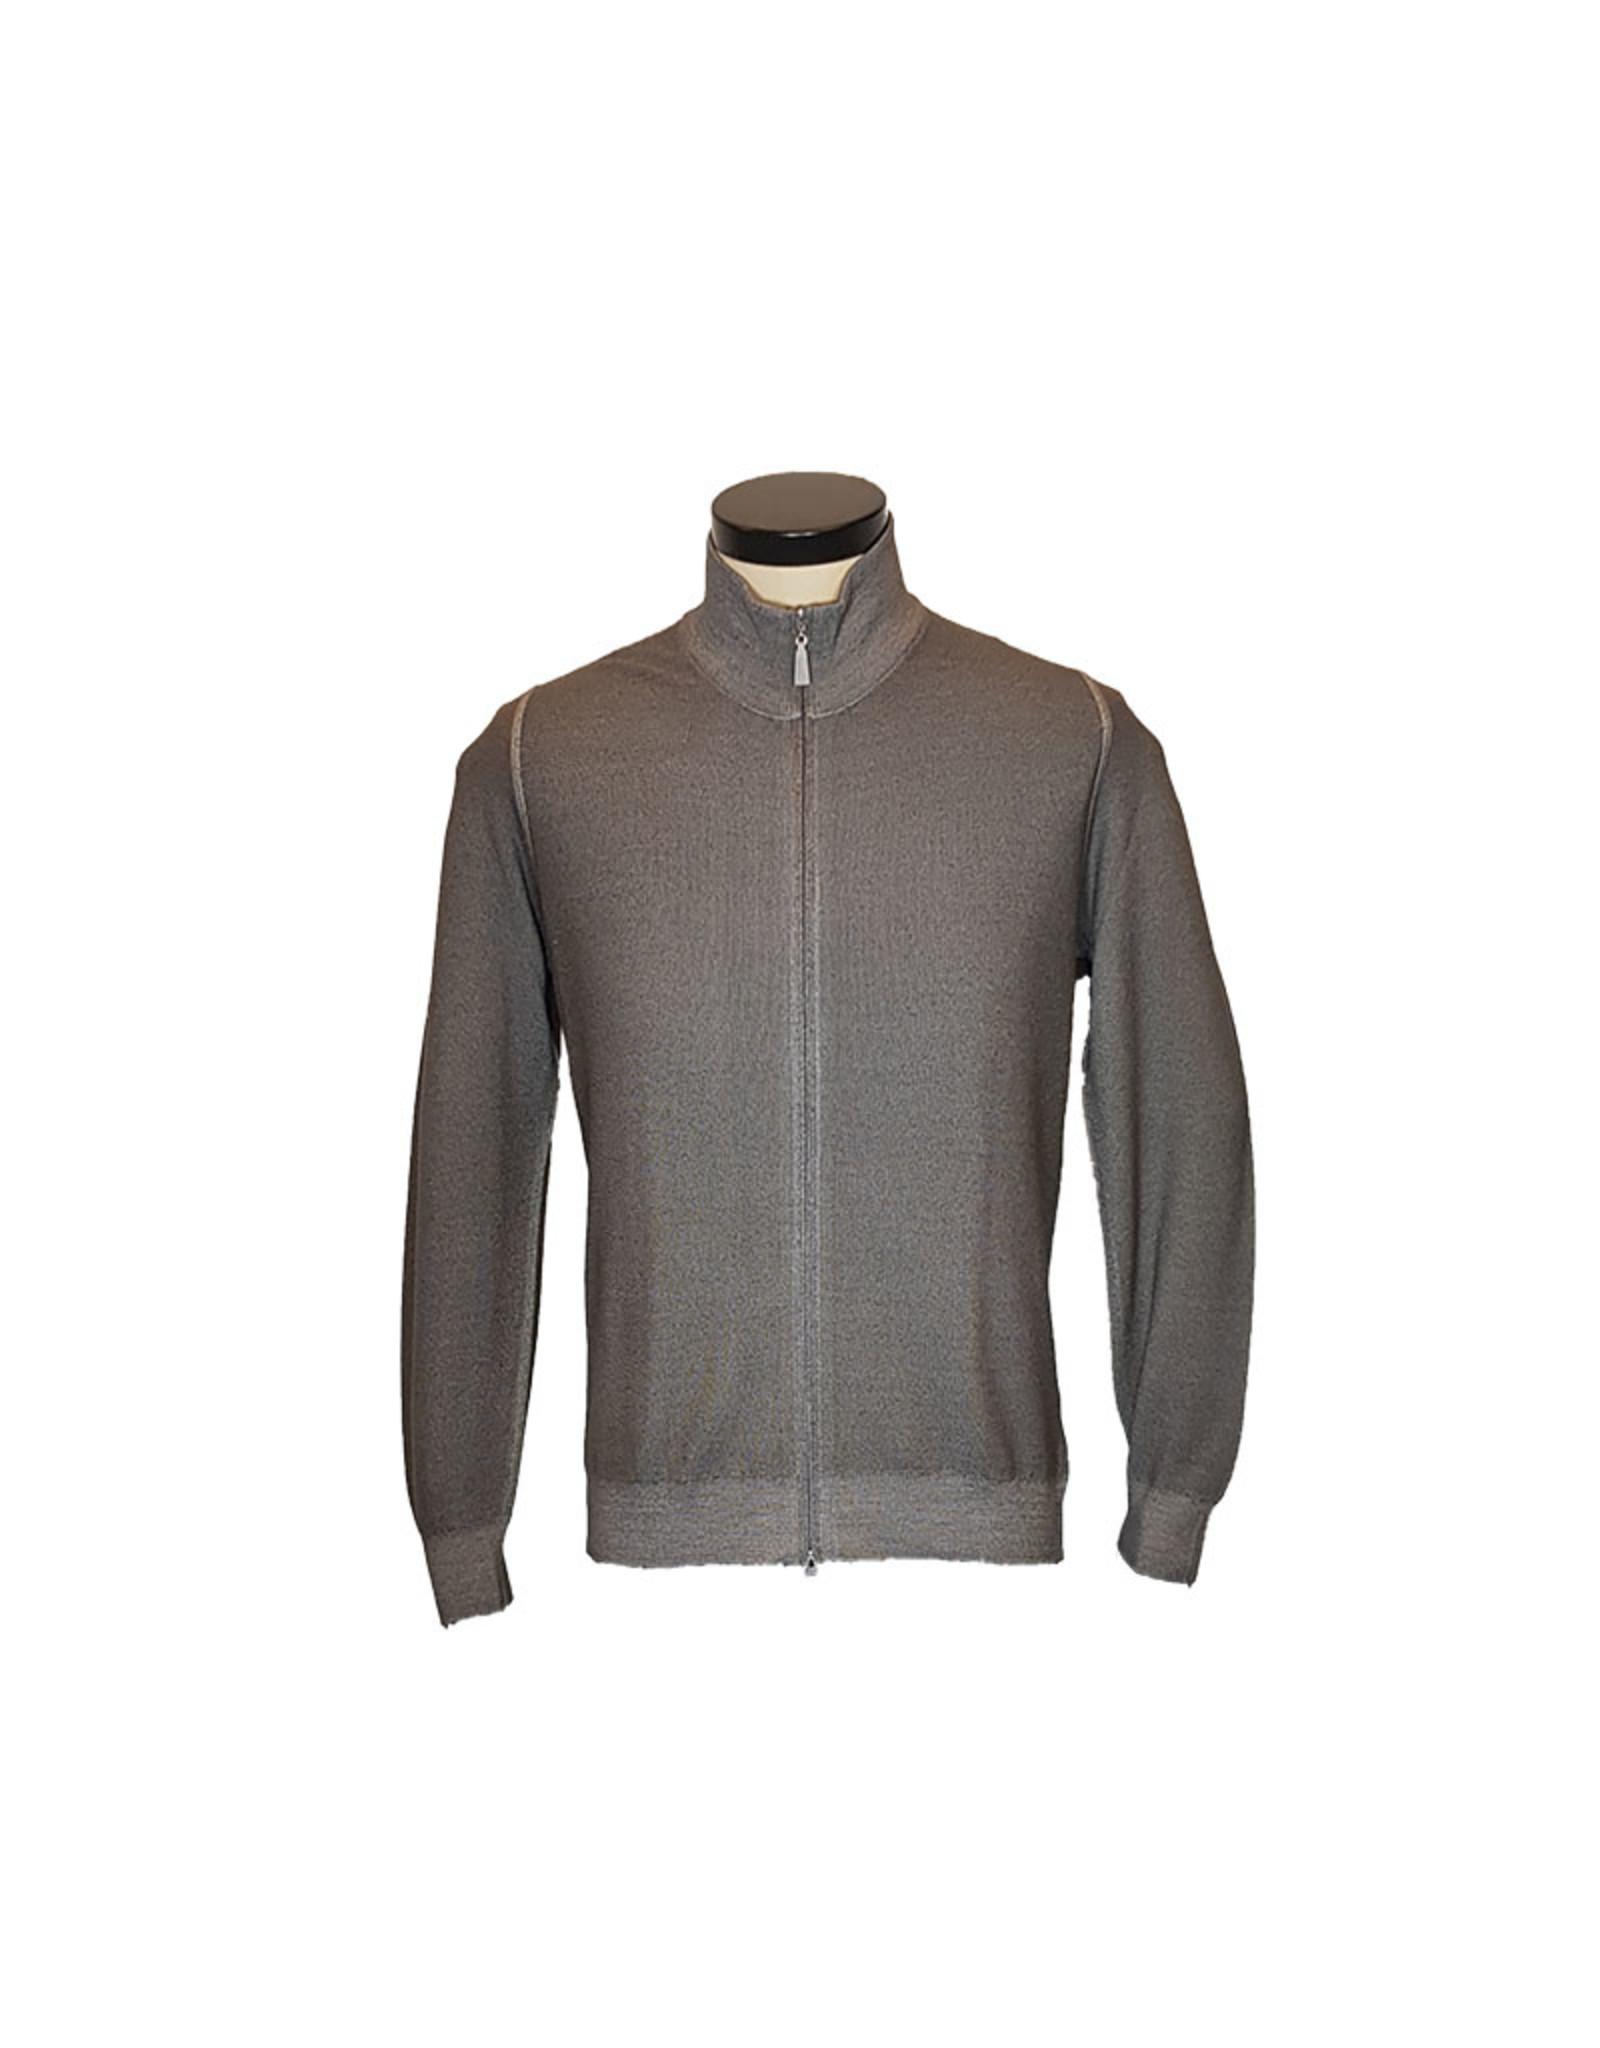 Gran Sasso Sandmore's cardigan beige  22794/410 M:58196